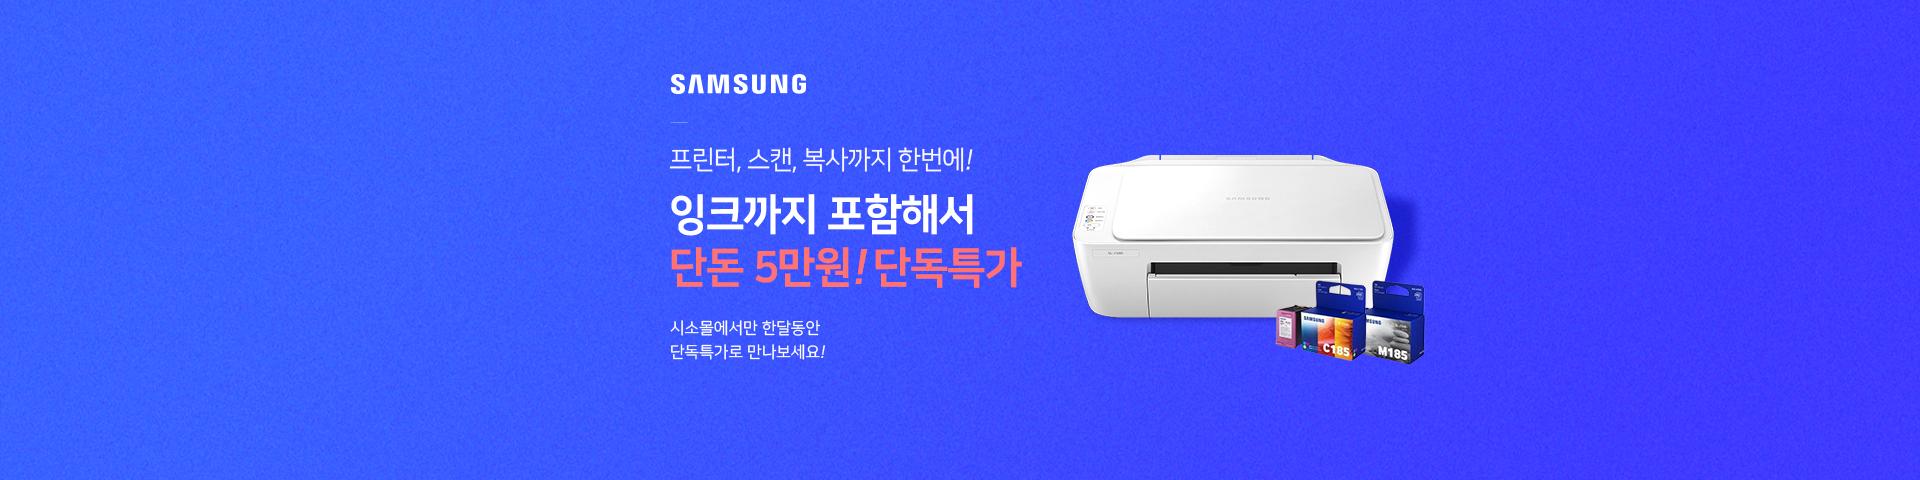 [삼성전자] 프린터 단독특가